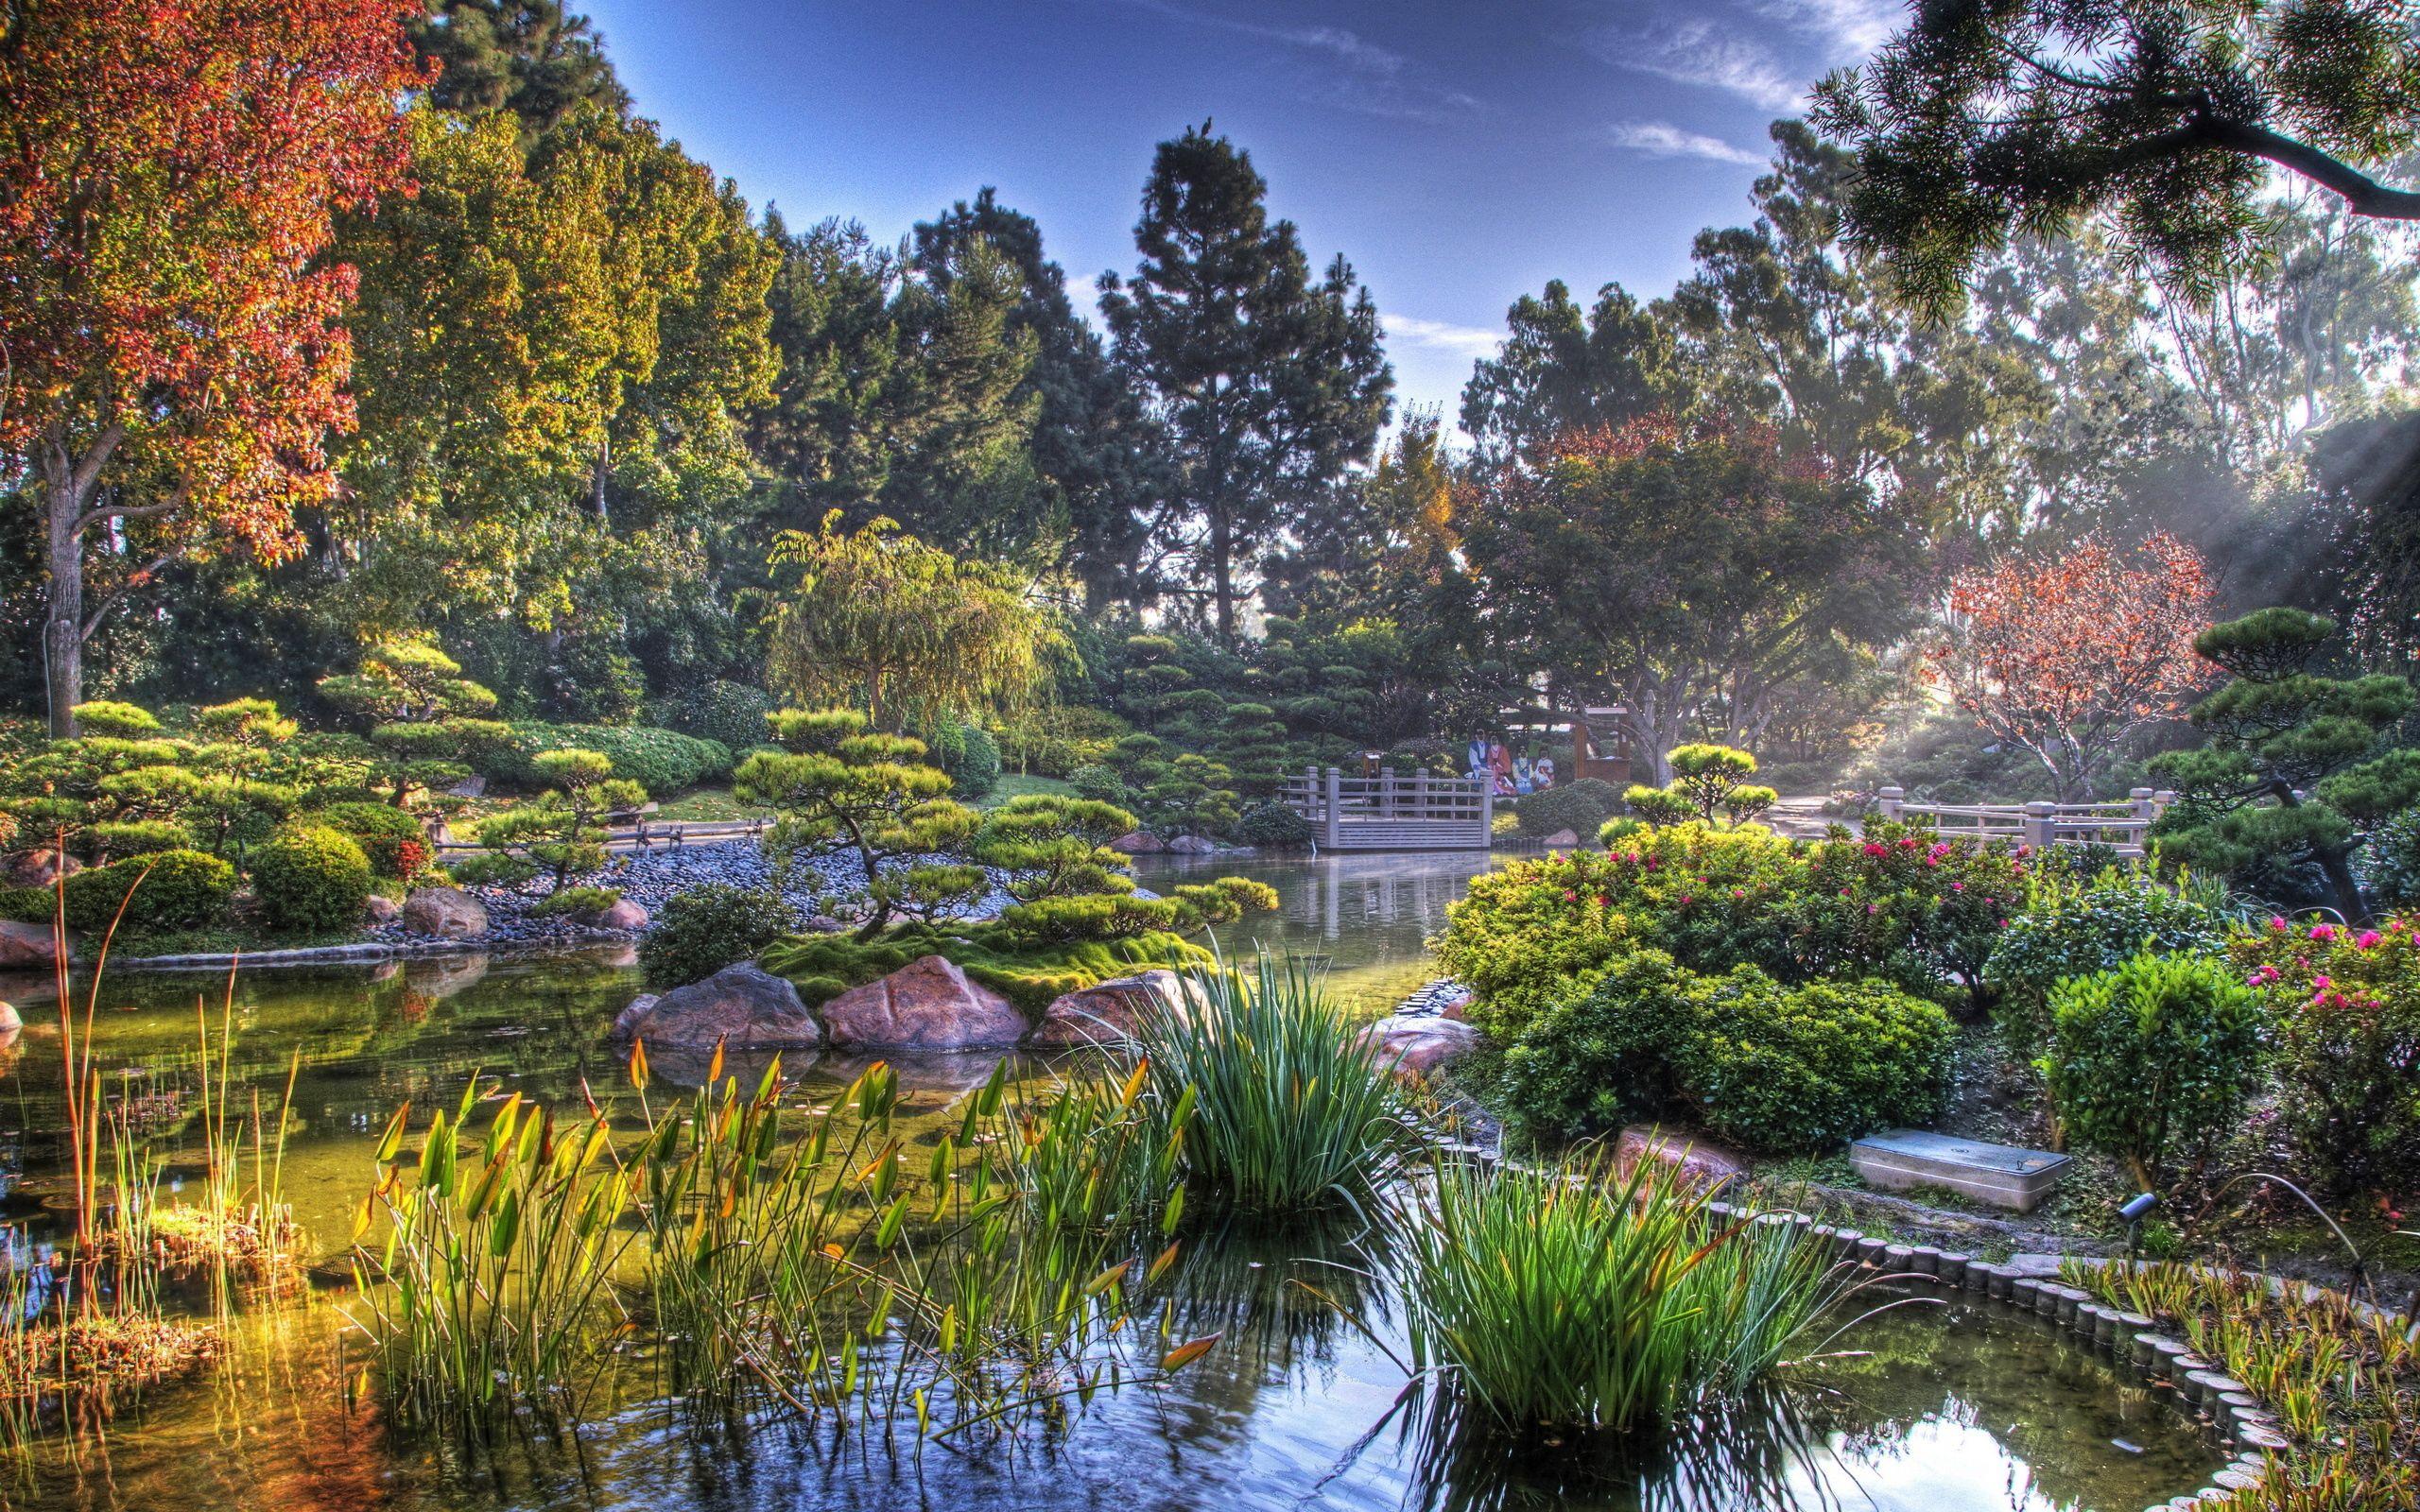 135568 télécharger le fond d'écran Nature, Jardin, Étang, Végétation, Briller, Lumière, Couleurs, Couleur, Paysage - économiseurs d'écran et images gratuitement